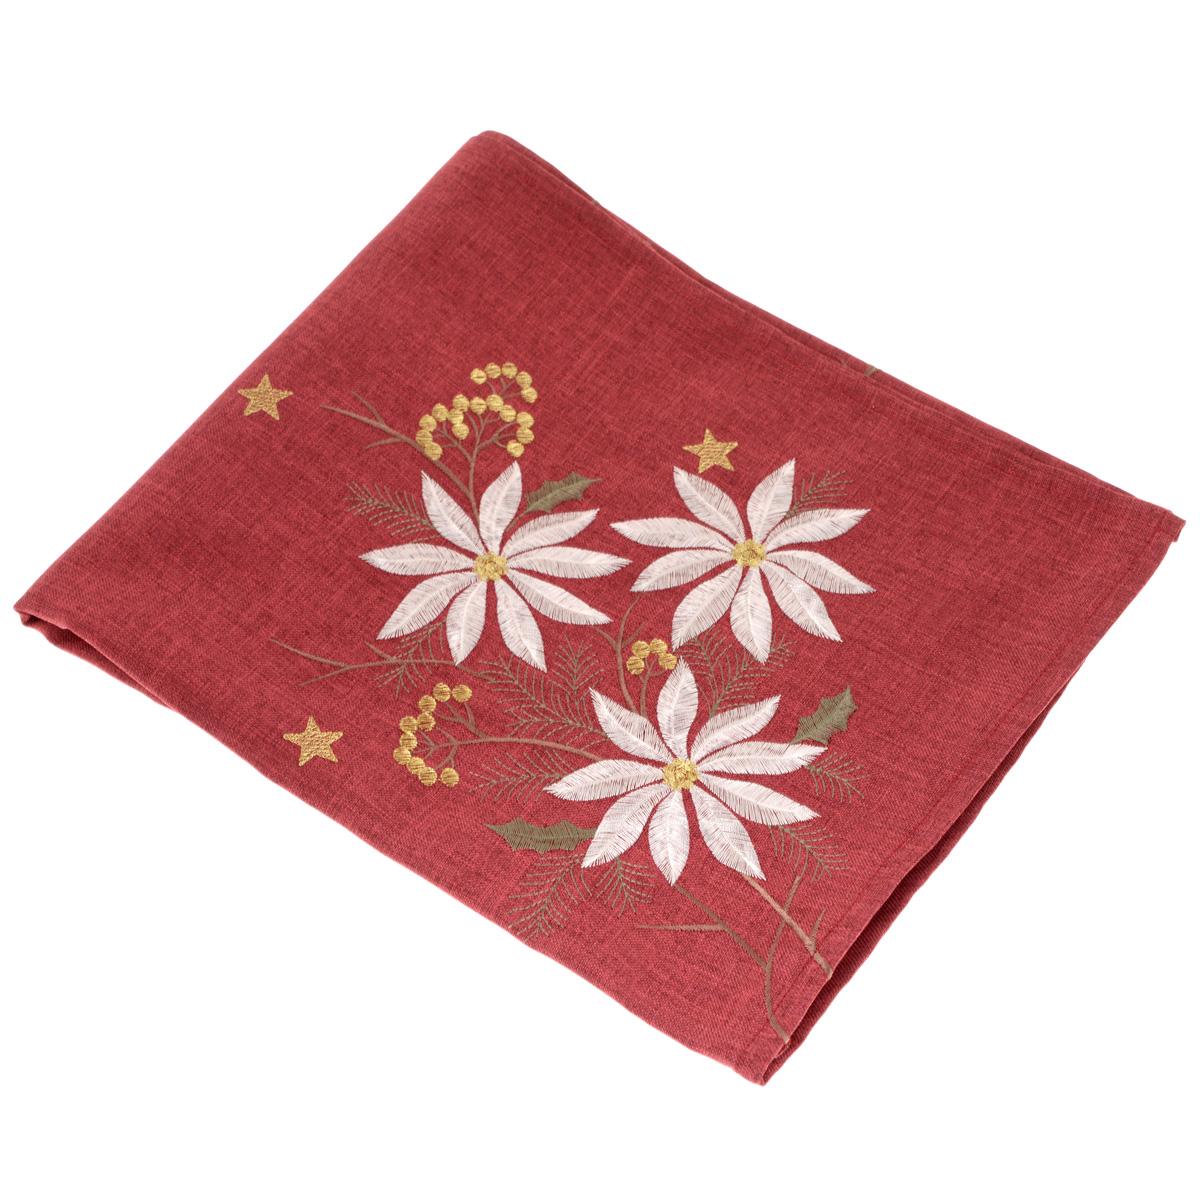 Скатерть Schaefer, квадратная, цвет: бордовый, 85 x 85 см. 07160-10007160-100Скатерть Schaefer выполнена из высококачественного полиэстера и декорирована серебристо-золотистой цветочной вышивкой. Изделия из полиэстера легко стирать: они не мнутся, не садятся и быстро сохнут, они более долговечны, чем изделия из натуральных волокон. Вы можете использовать скатерть для декорирования стола, комода, журнального столика. В любом случае она добавит в ваш дом стиля, изысканности и неповторимости. Идеальный вариант для подарка вашим друзьям и близким.